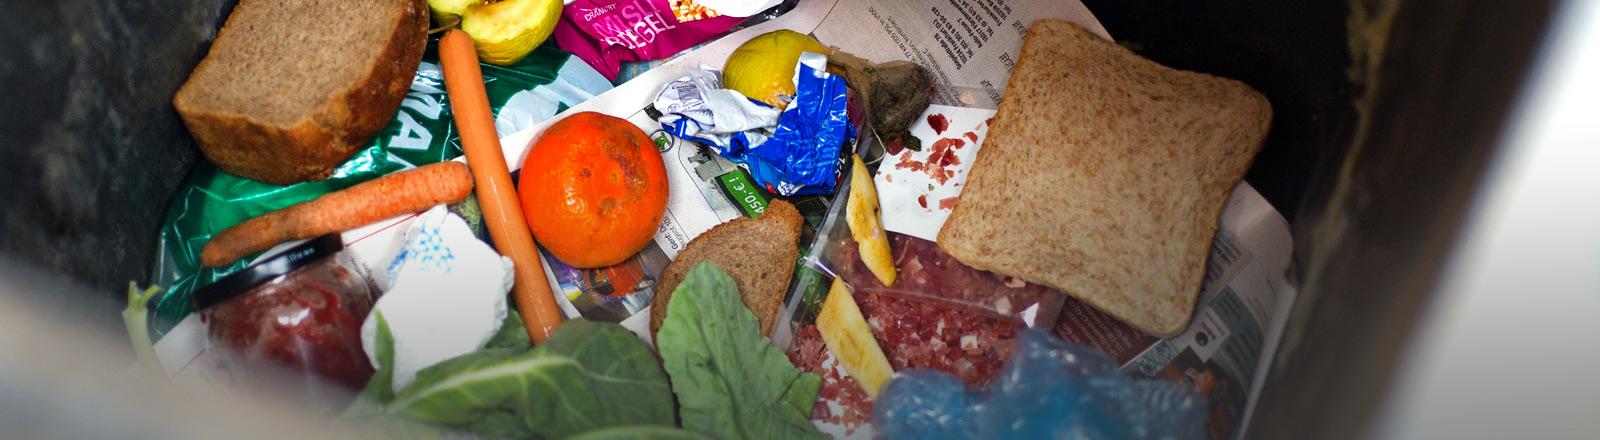 Verschiedene Lebensmittel in einer Mülltonne.